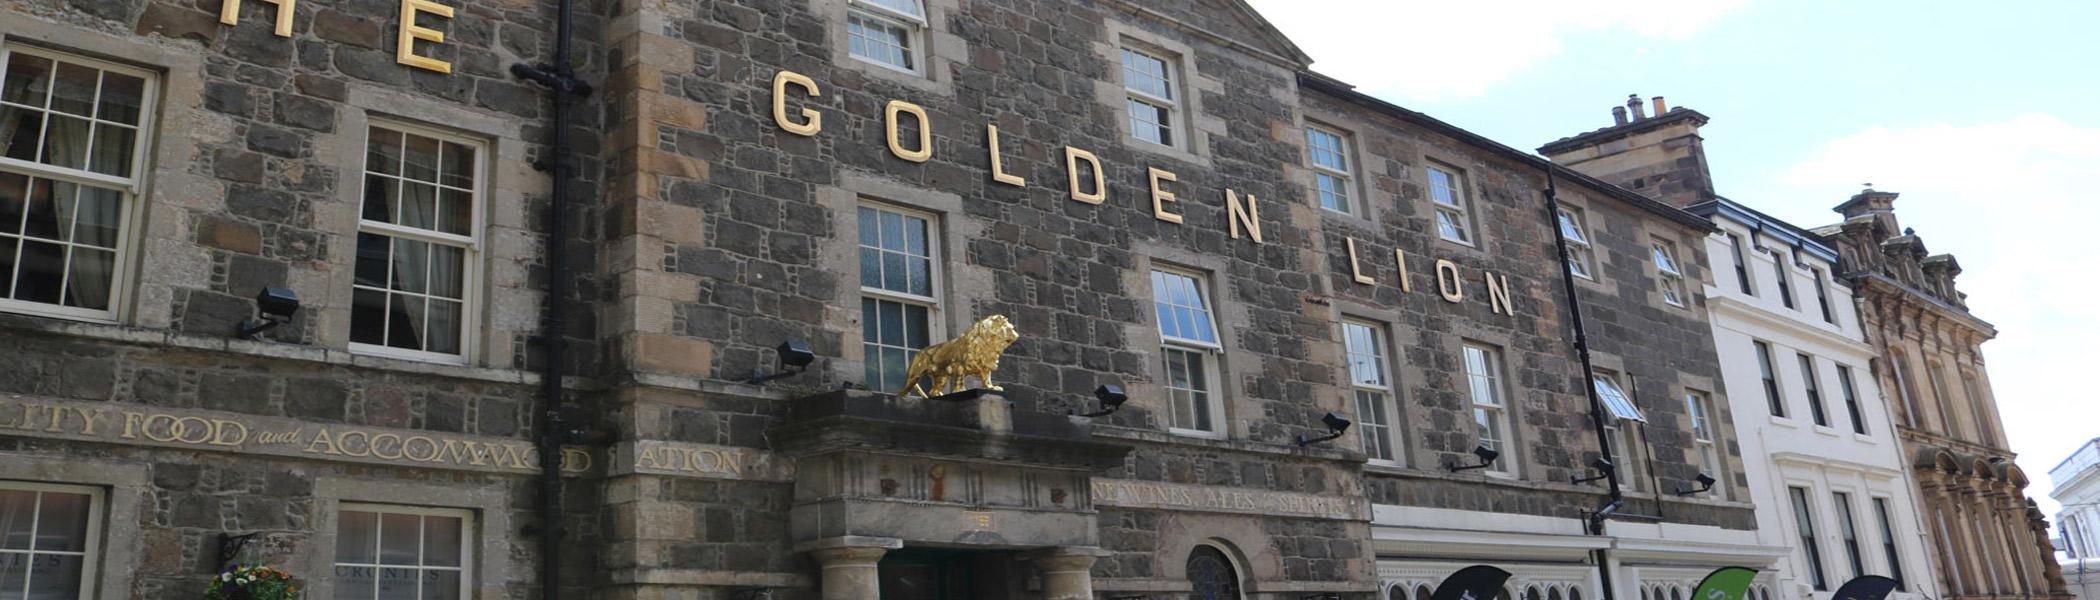 Golden Lion Hotel Stirling City Centre